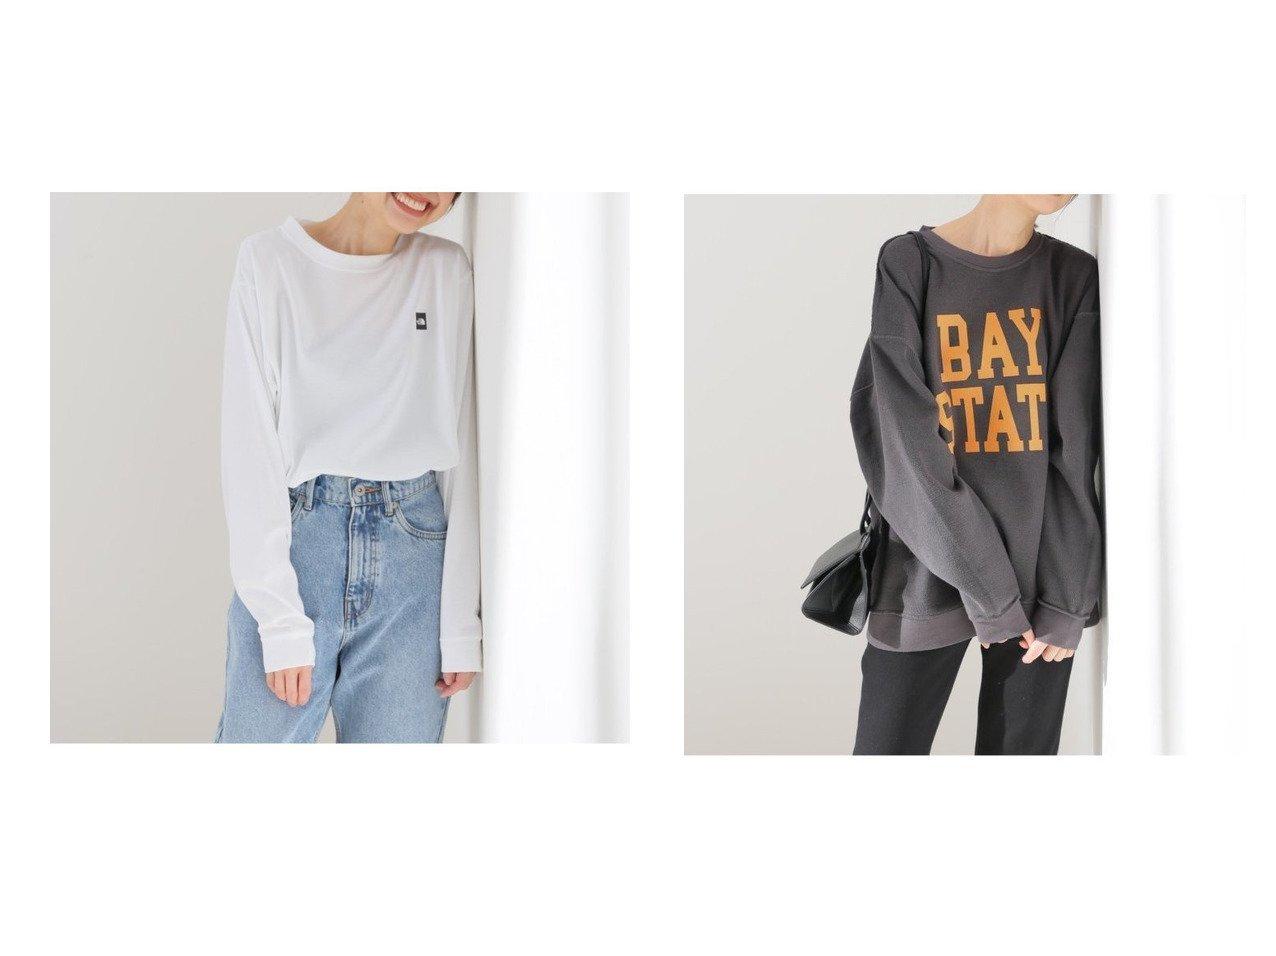 【SLOBE IENA/スローブ イエナ】の【ノースフェイス】S Small Box Logo Tシャツ&【スクリーンスターズ】2WAY スエット 【トップス・カットソー】おすすめ!人気、トレンド・レディースファッションの通販   おすすめで人気の流行・トレンド、ファッションの通販商品 メンズファッション・キッズファッション・インテリア・家具・レディースファッション・服の通販 founy(ファニー) https://founy.com/ ファッション Fashion レディースファッション WOMEN トップス・カットソー Tops/Tshirt シャツ/ブラウス Shirts/Blouses ロング / Tシャツ T-Shirts カットソー Cut and Sewn NEW・新作・新着・新入荷 New Arrivals 2021年 2021 2021春夏・S/S SS/Spring/Summer/2021 S/S・春夏 SS・Spring/Summer アウトドア フェイス プリント ヴィンテージ |ID:crp329100000026570